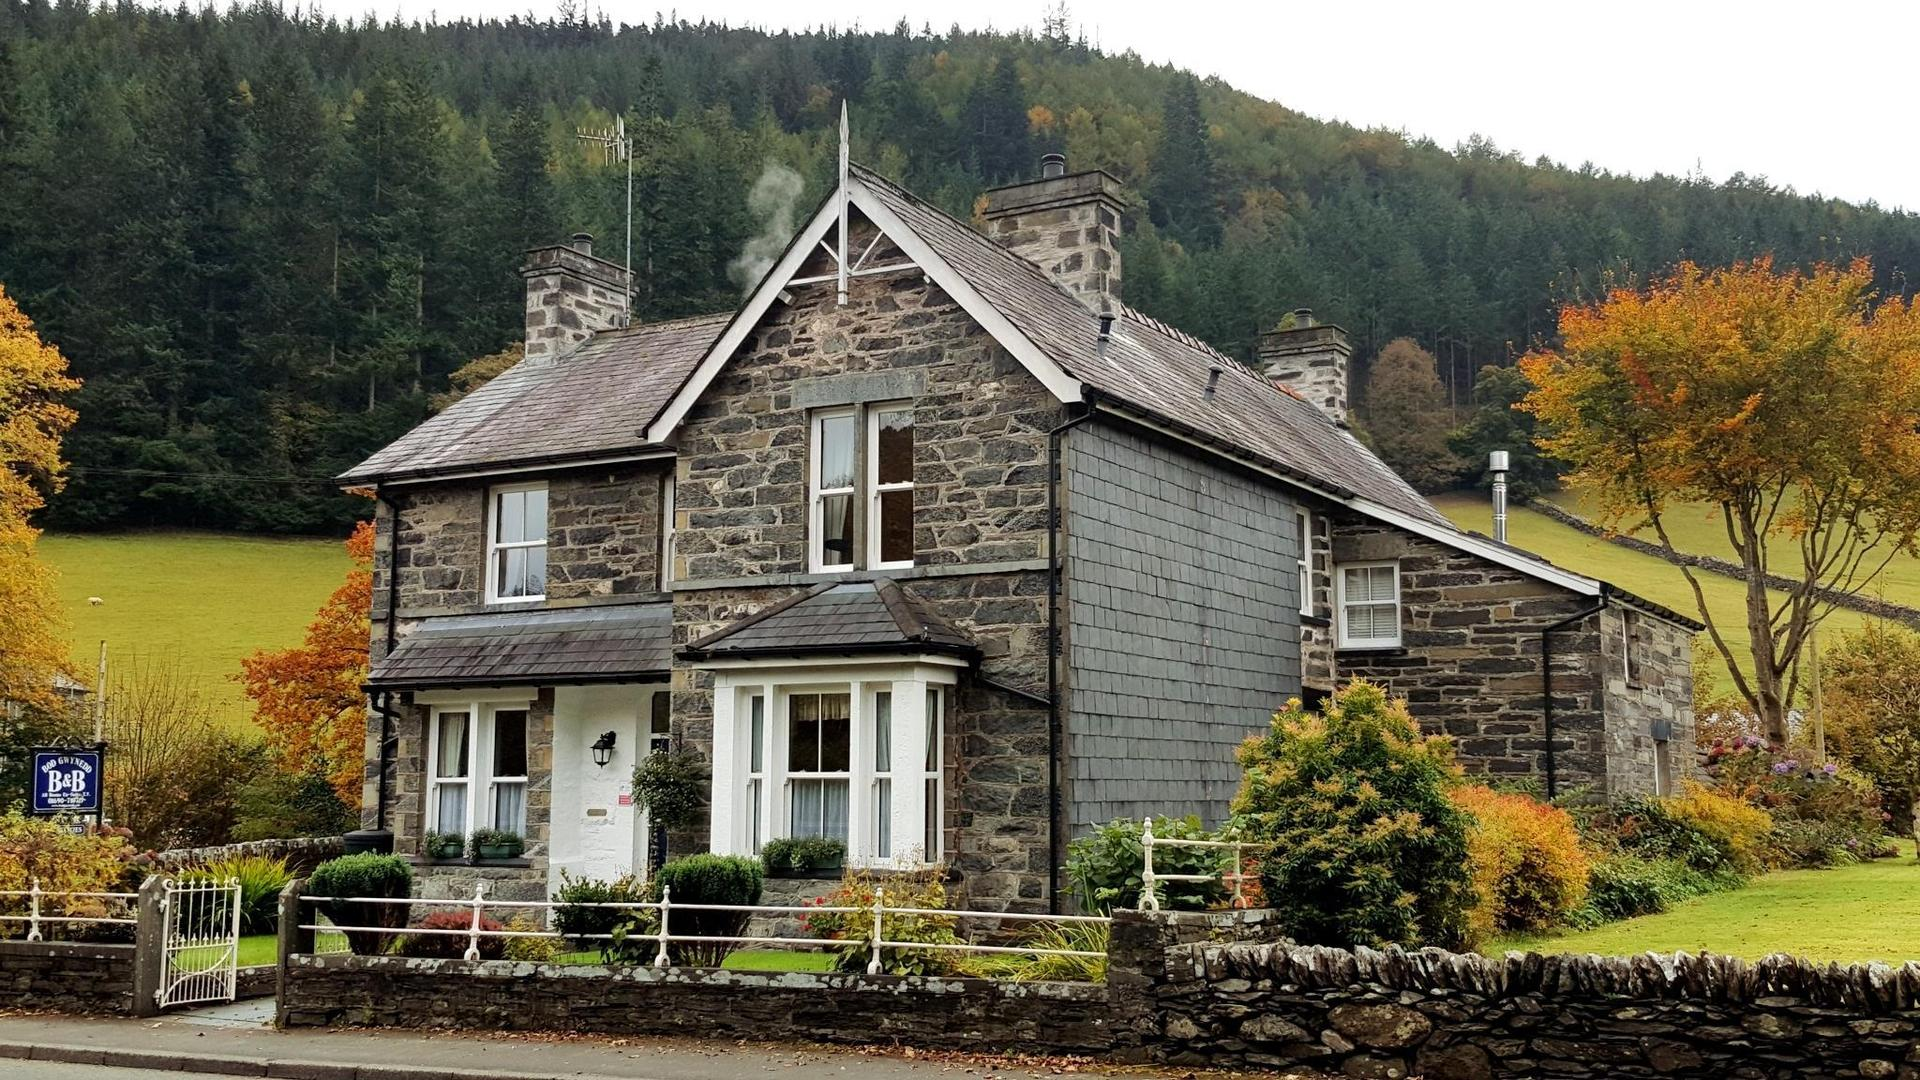 Bod Gwynedd in Betws-y-Coed